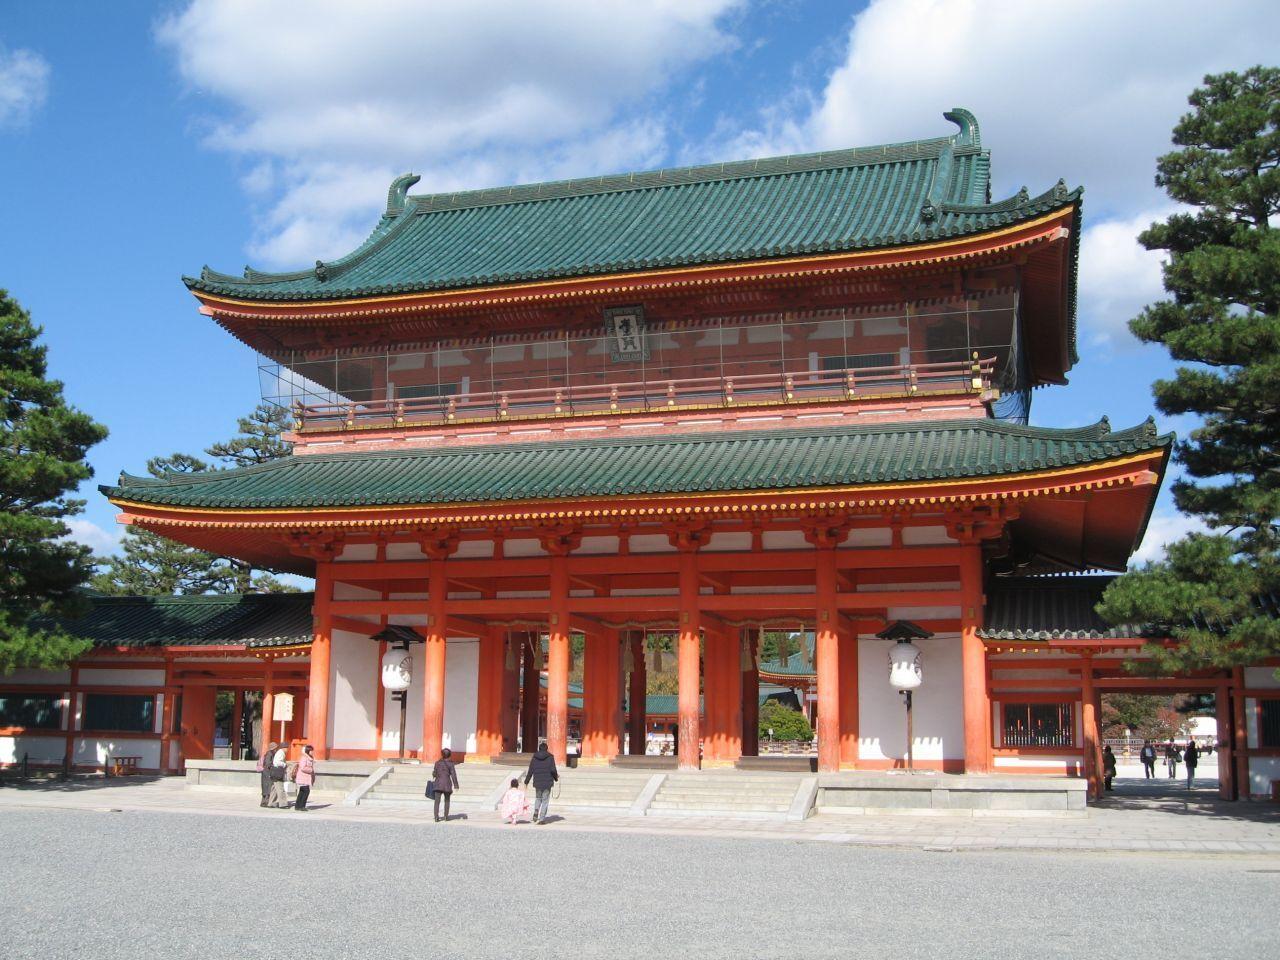 Japanisches Dach rwth aachen